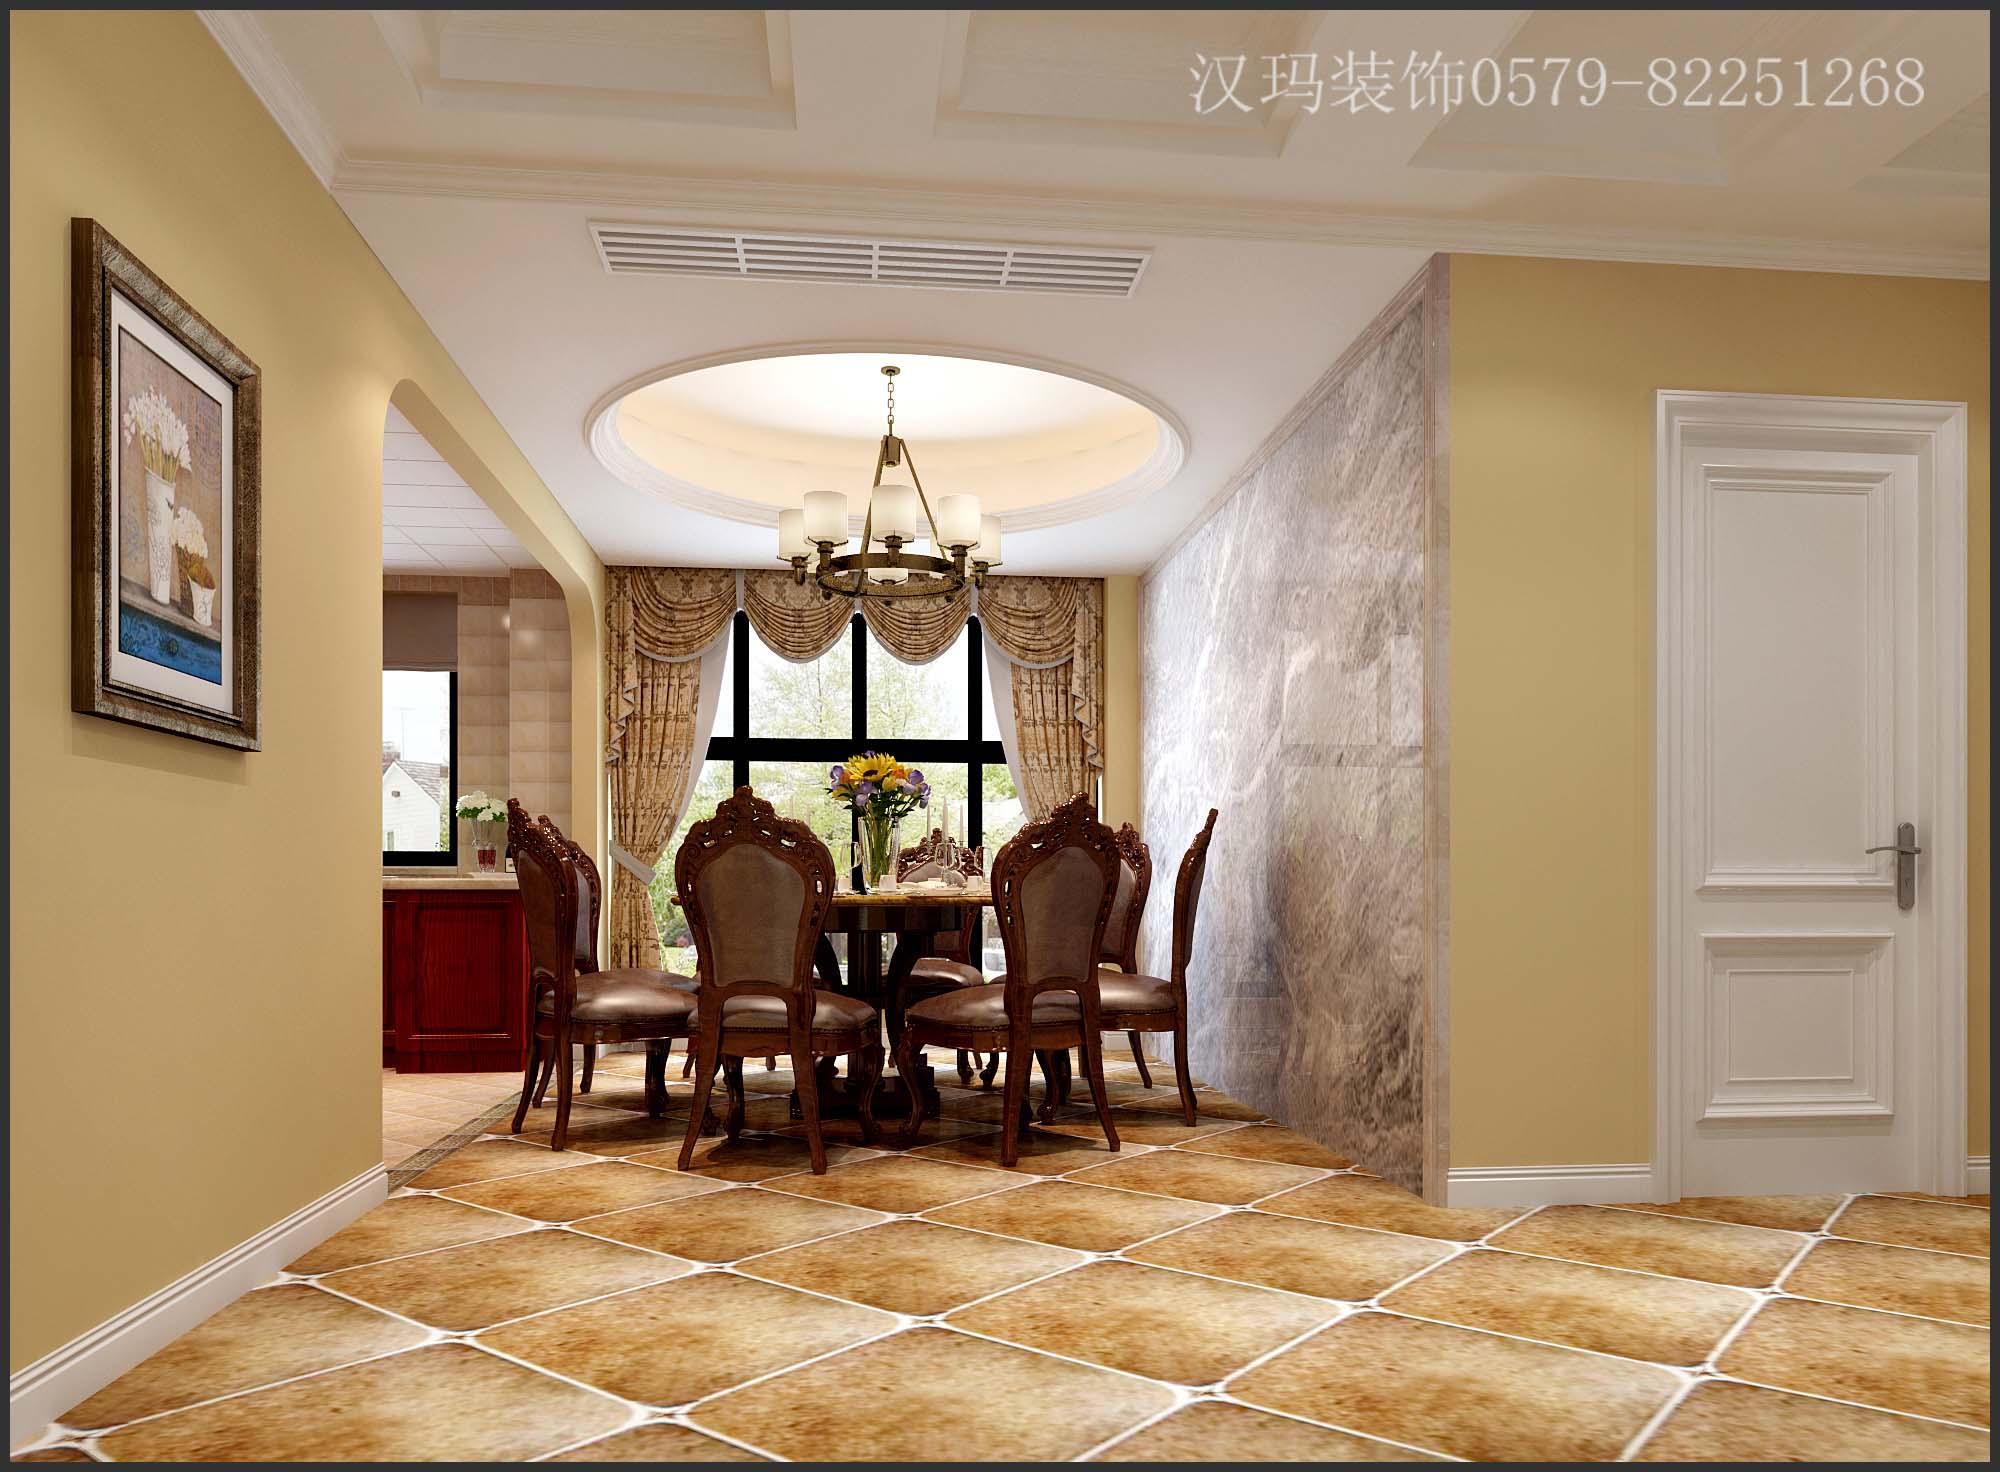 142平米三居室如何装修 美式半包9万!-保集湖海塘庄园装修